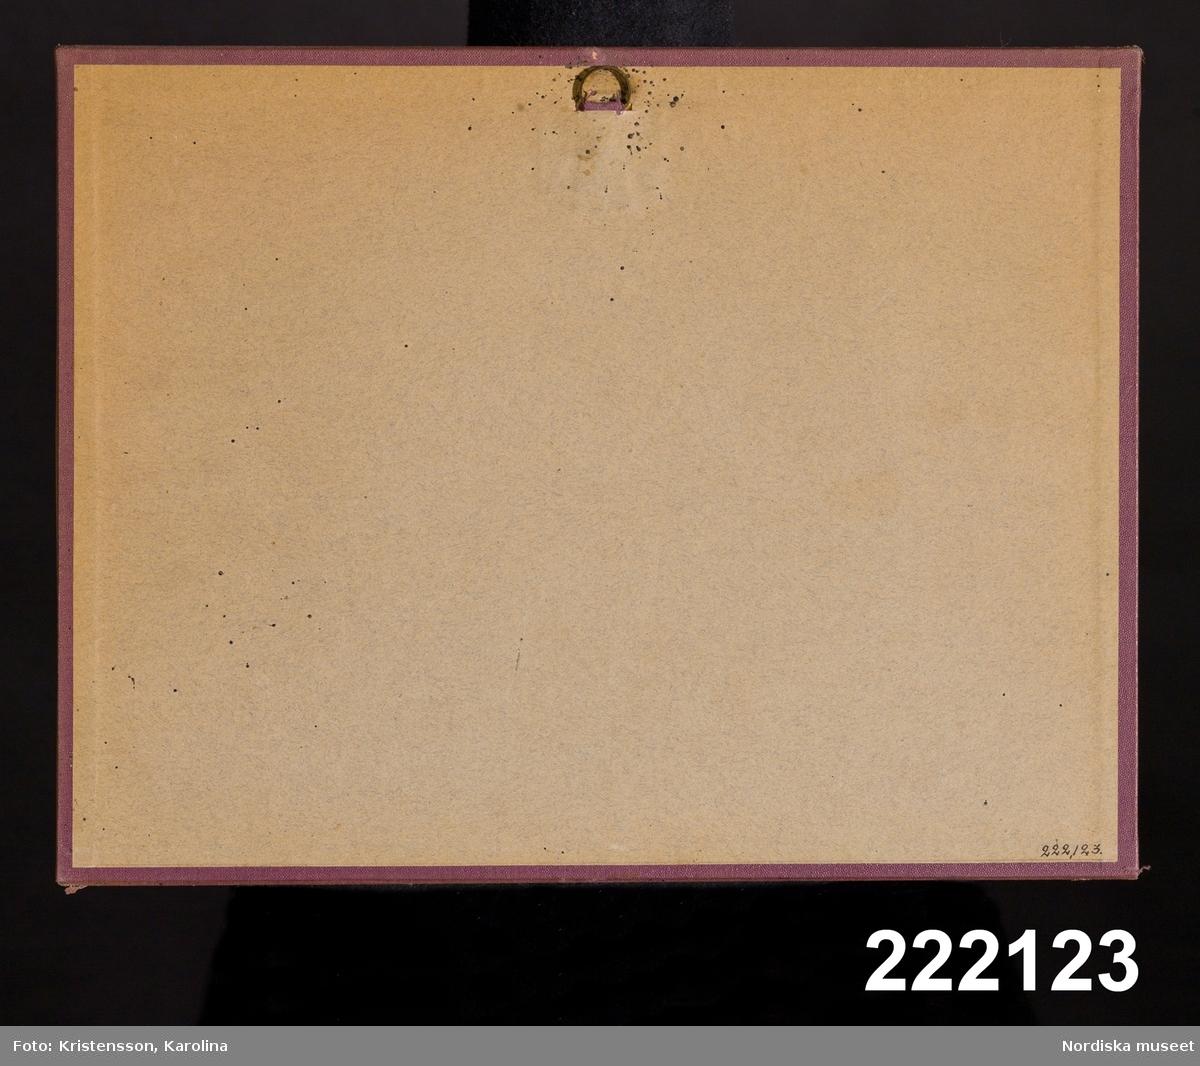 Tillverkaruppgift enligt katalogkort. /Annika Tyrfelt 2007-05-21